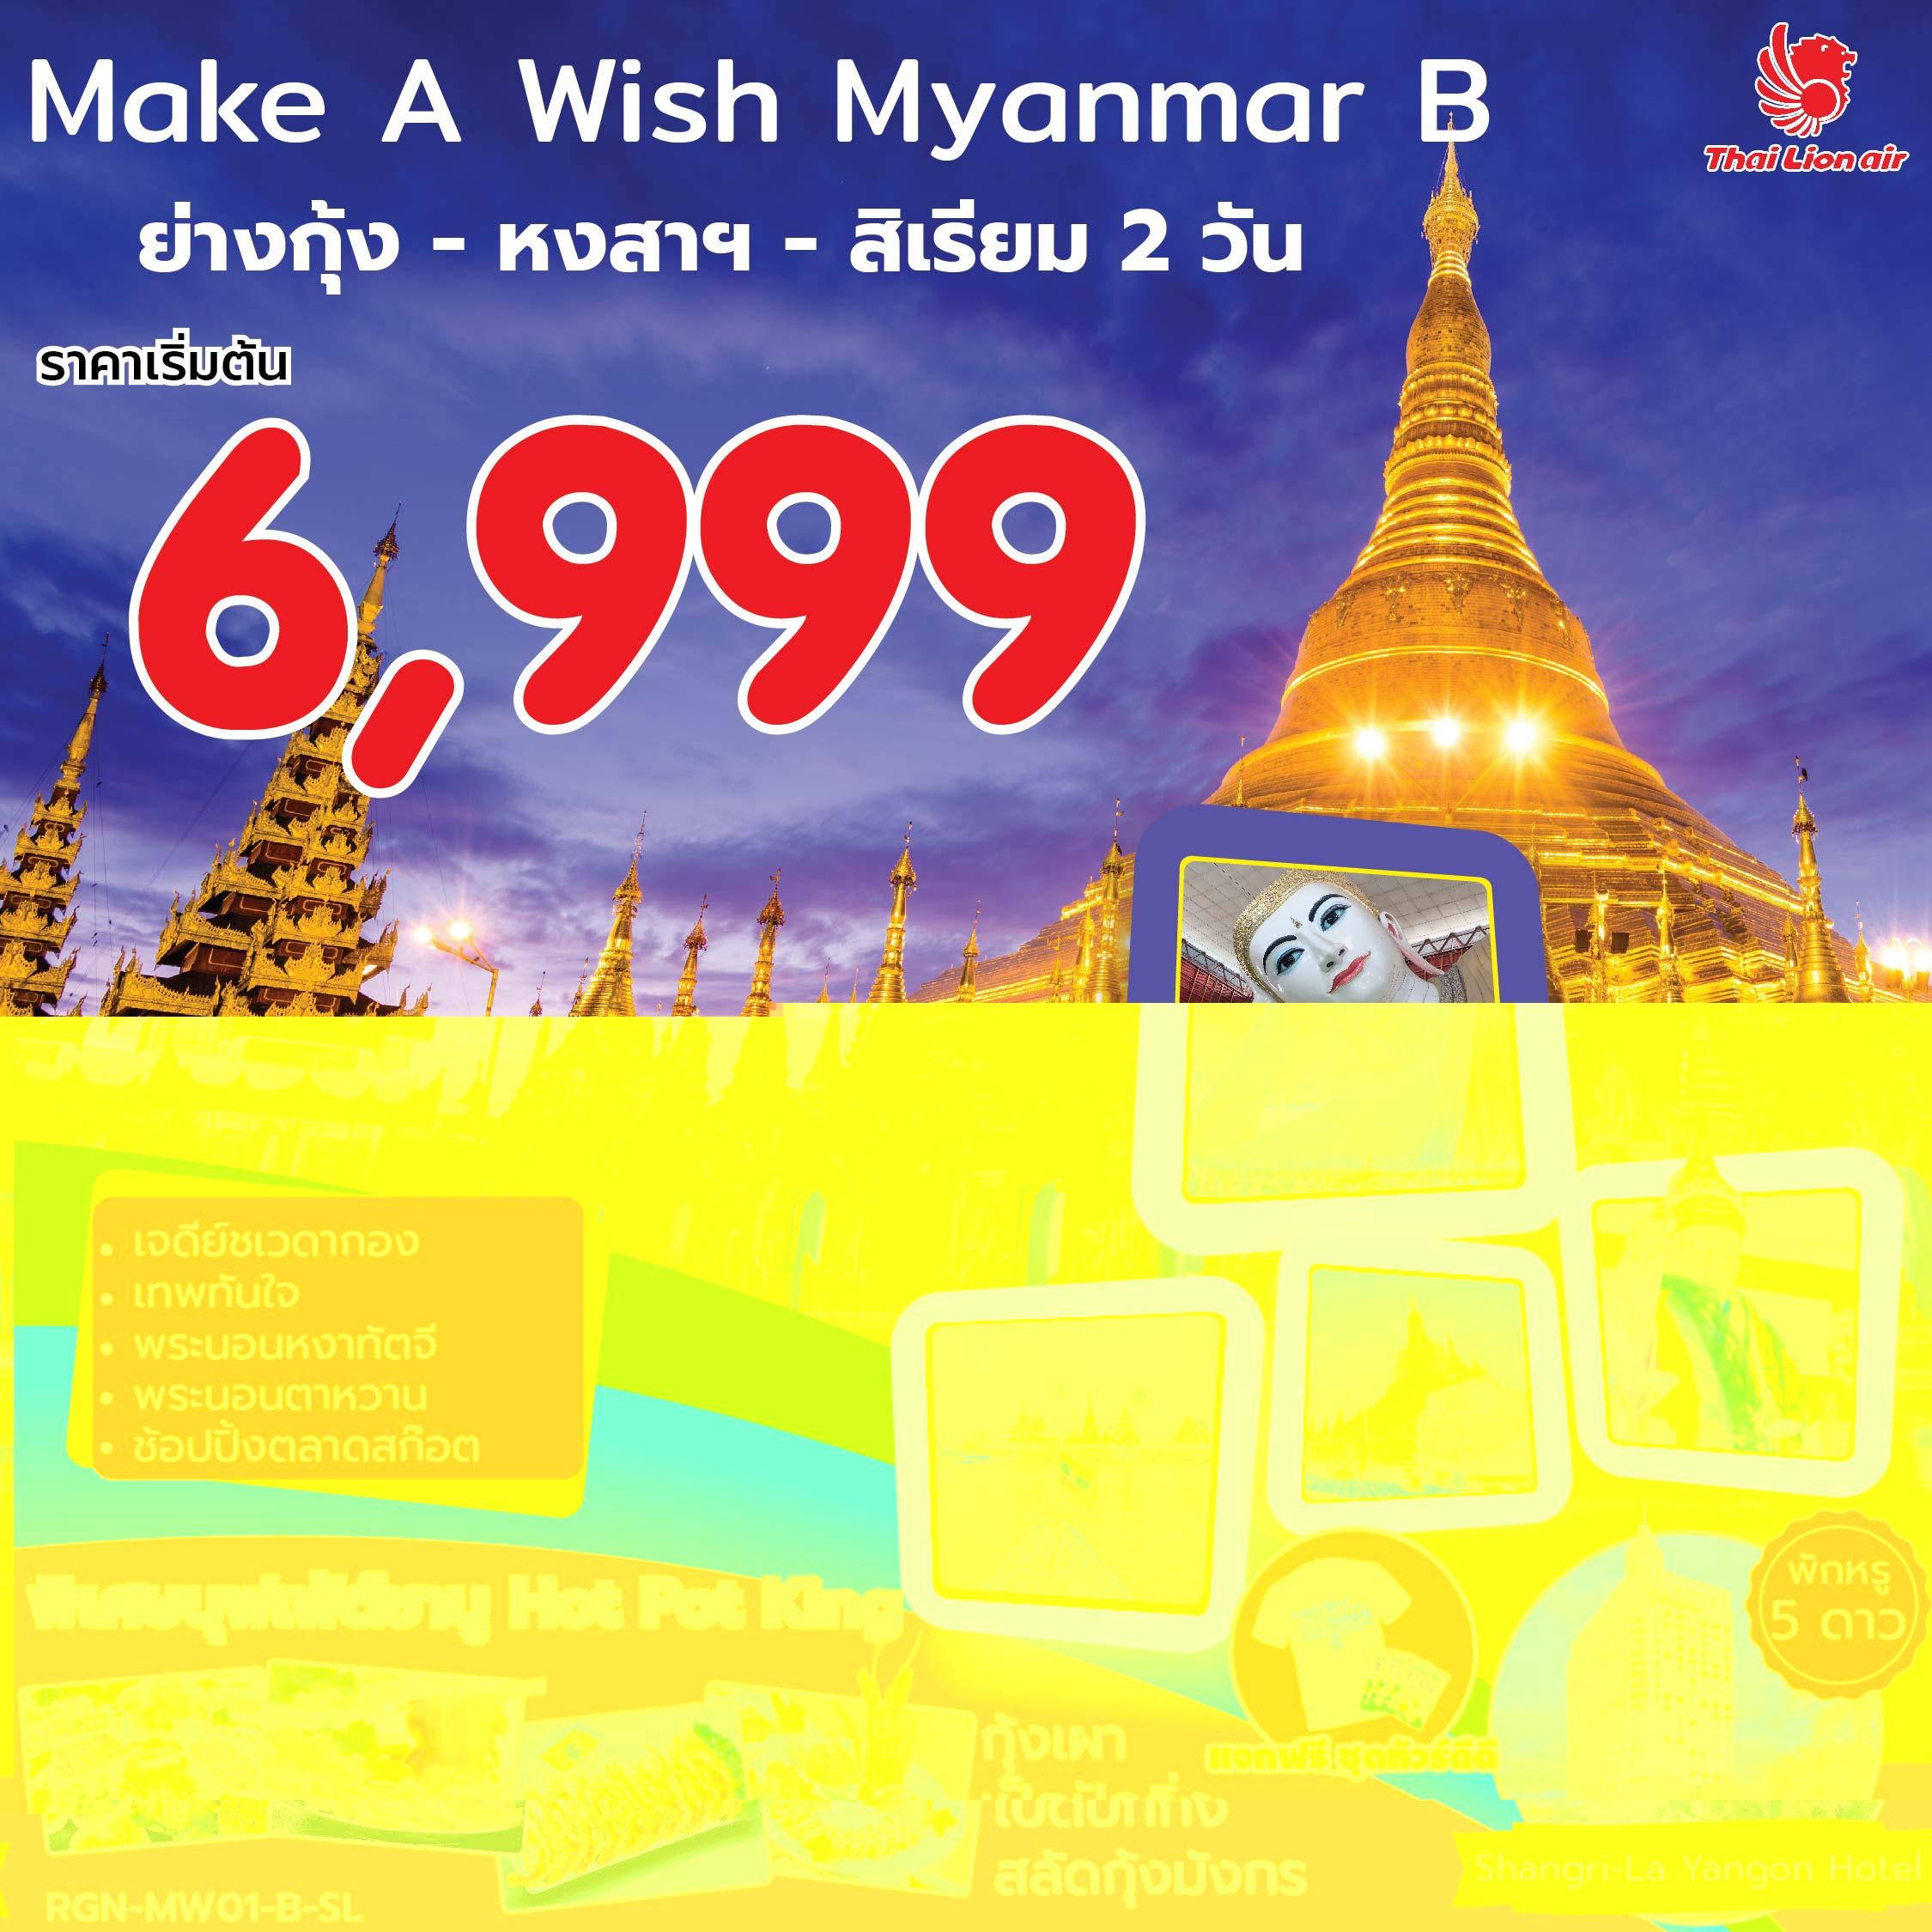 พม่า ย่างกุ้ง สิเรียม  (Make A Wish Myanmar B)